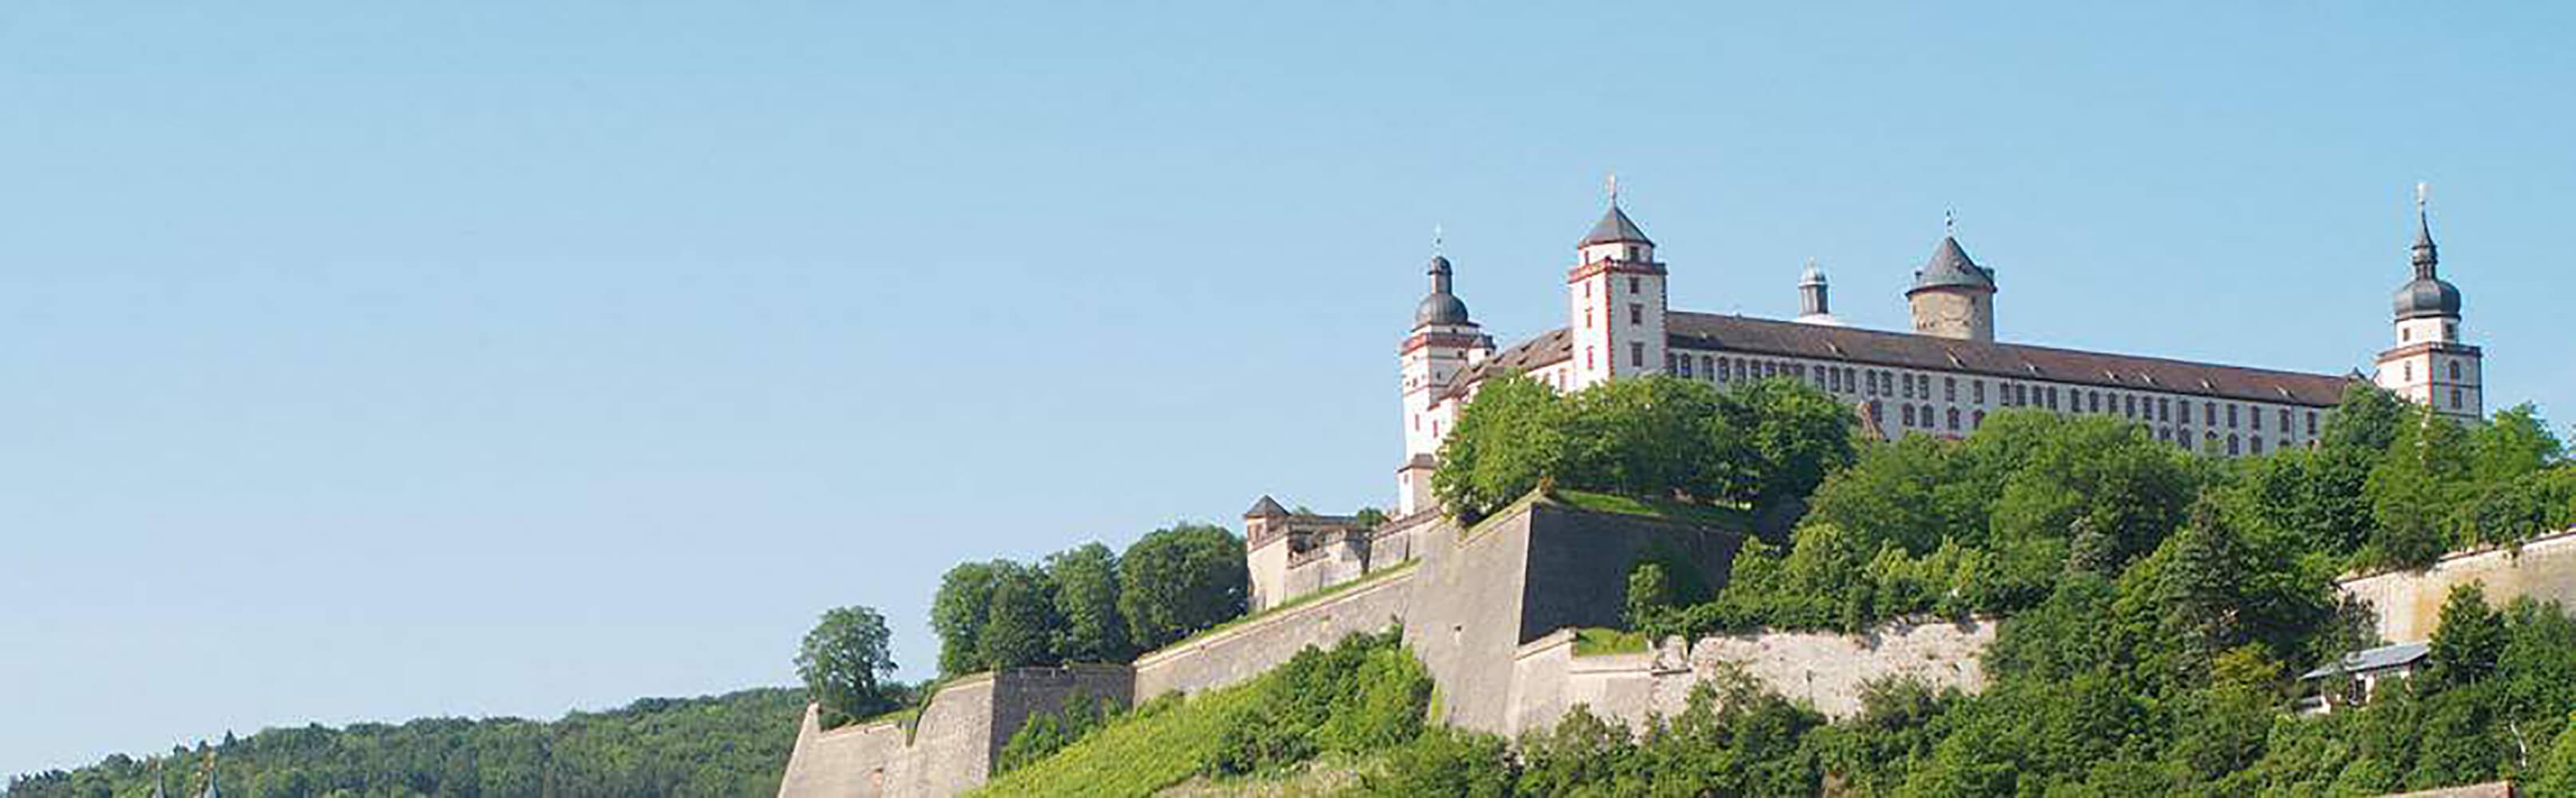 Festung Marienberg und das Museum für Franken - Würzburg 1